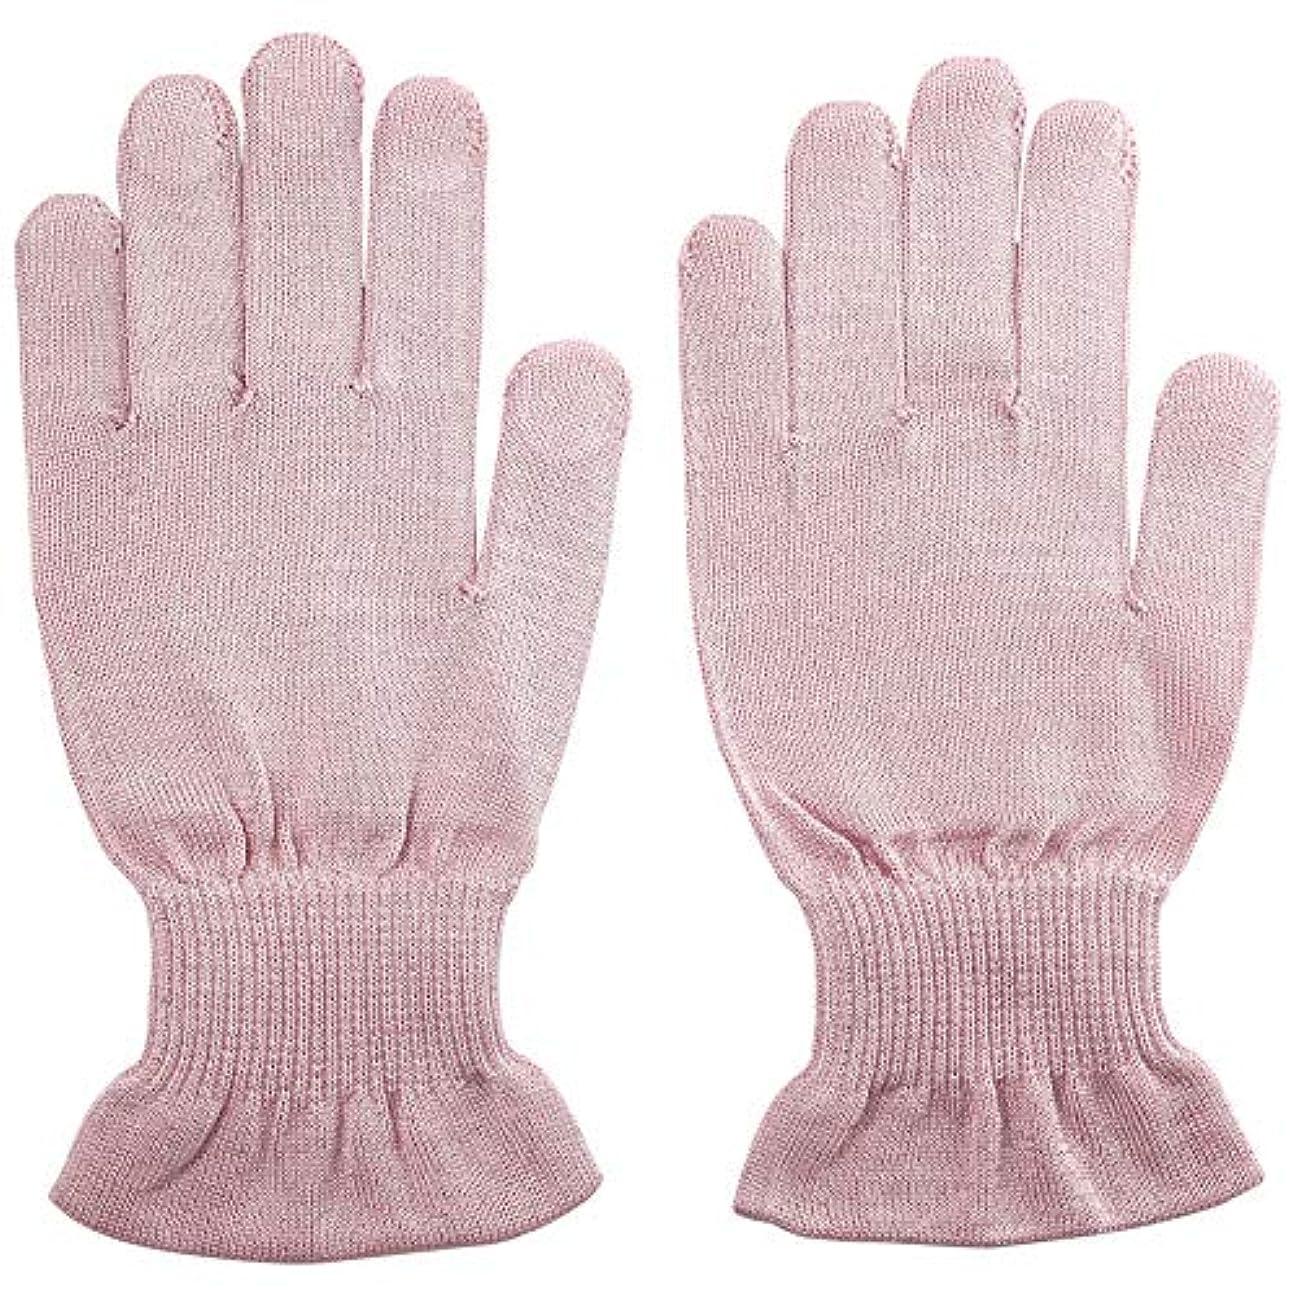 四予言する休日温むすび ハンドケア手袋 【手のひら美人 女性用 M~Lサイズ】 ペールピンク